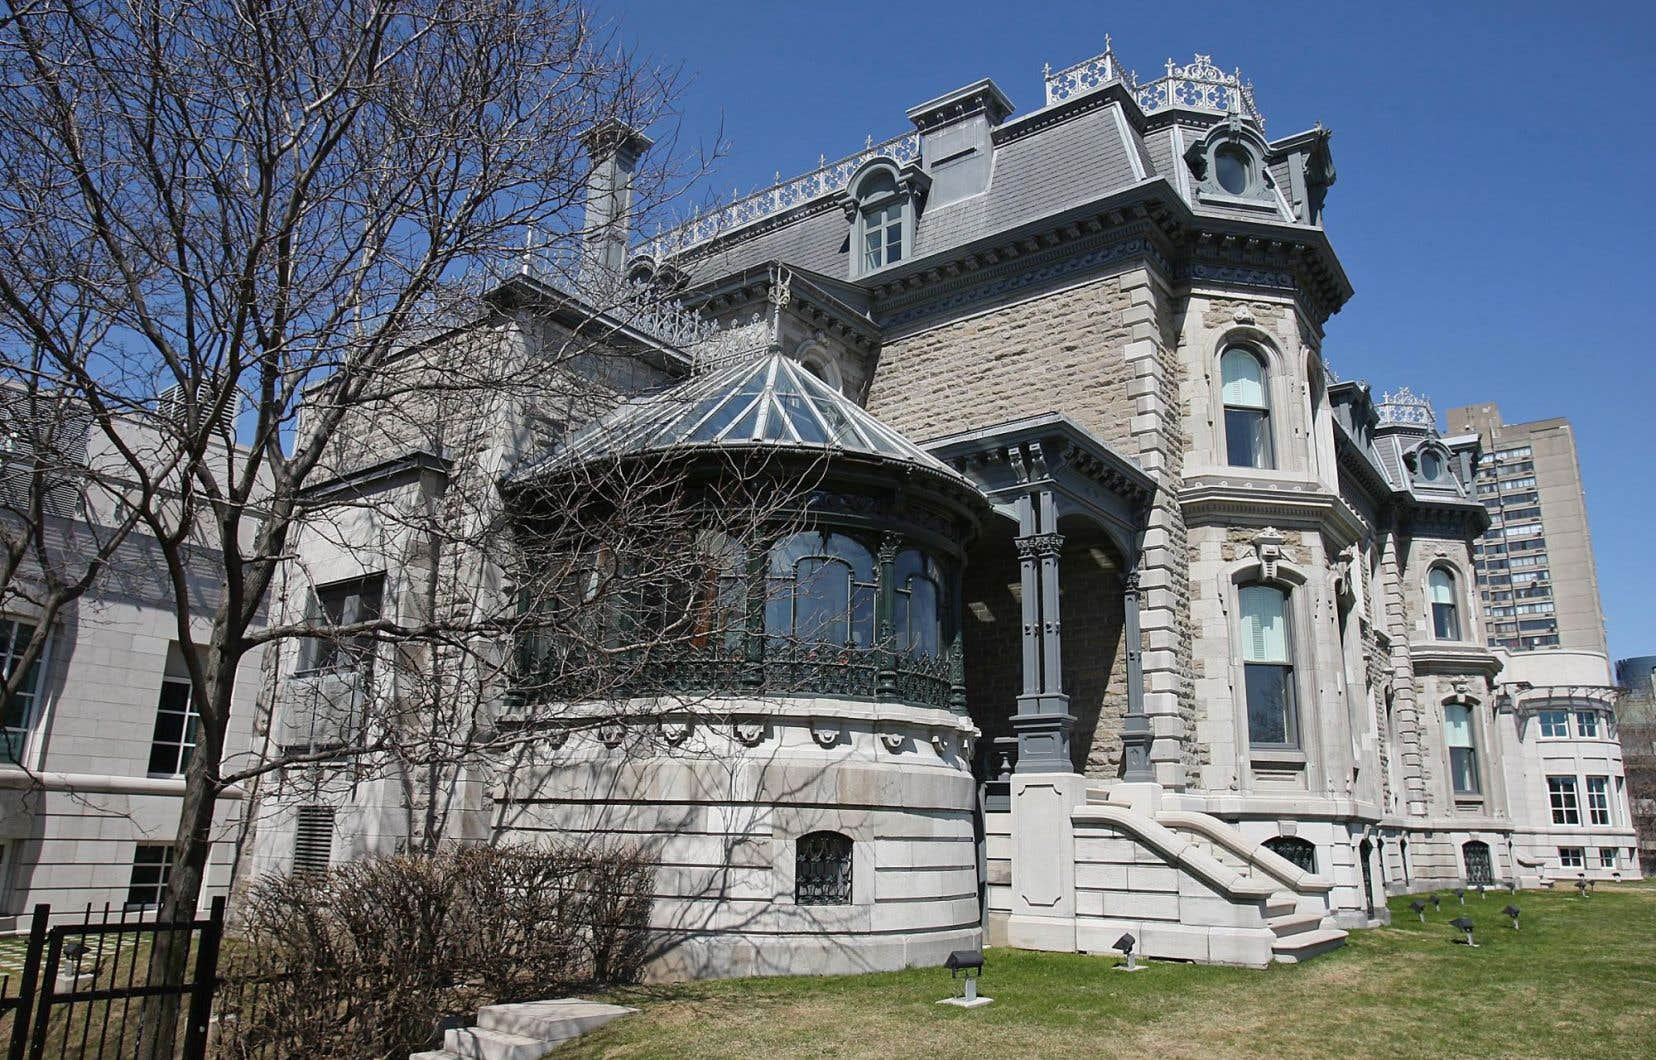 Le ministre de la Culture a annoncé un accord de principe pour la restauration des bâtiments et la modernisation des installations muséales du Centre canadien d'architecture.